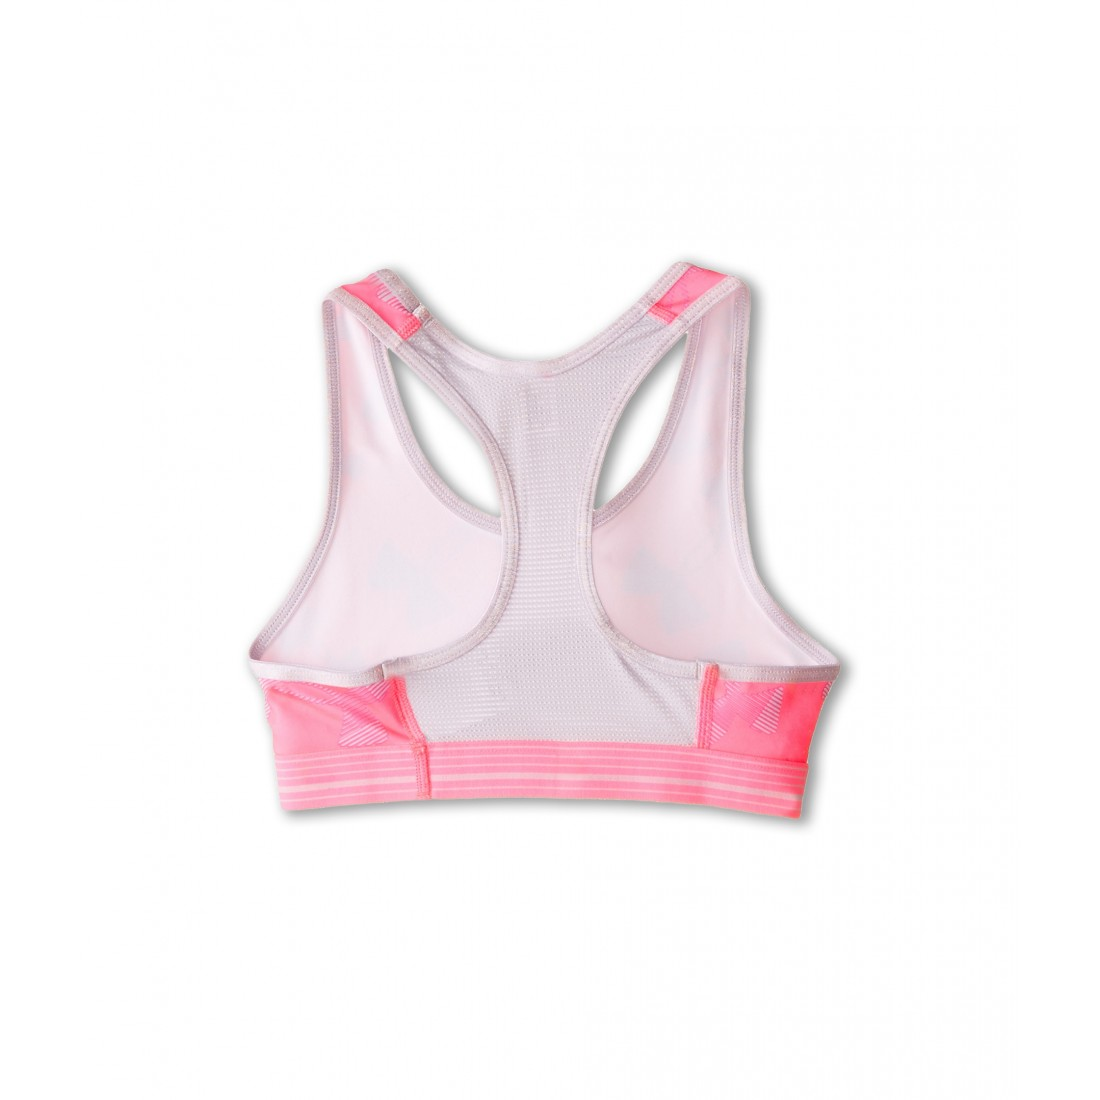 37137ece9f Under Armour Kids HeatGear Alpha Printed Sports Bra (Big Kids) 6PM8506641  Pink Punk